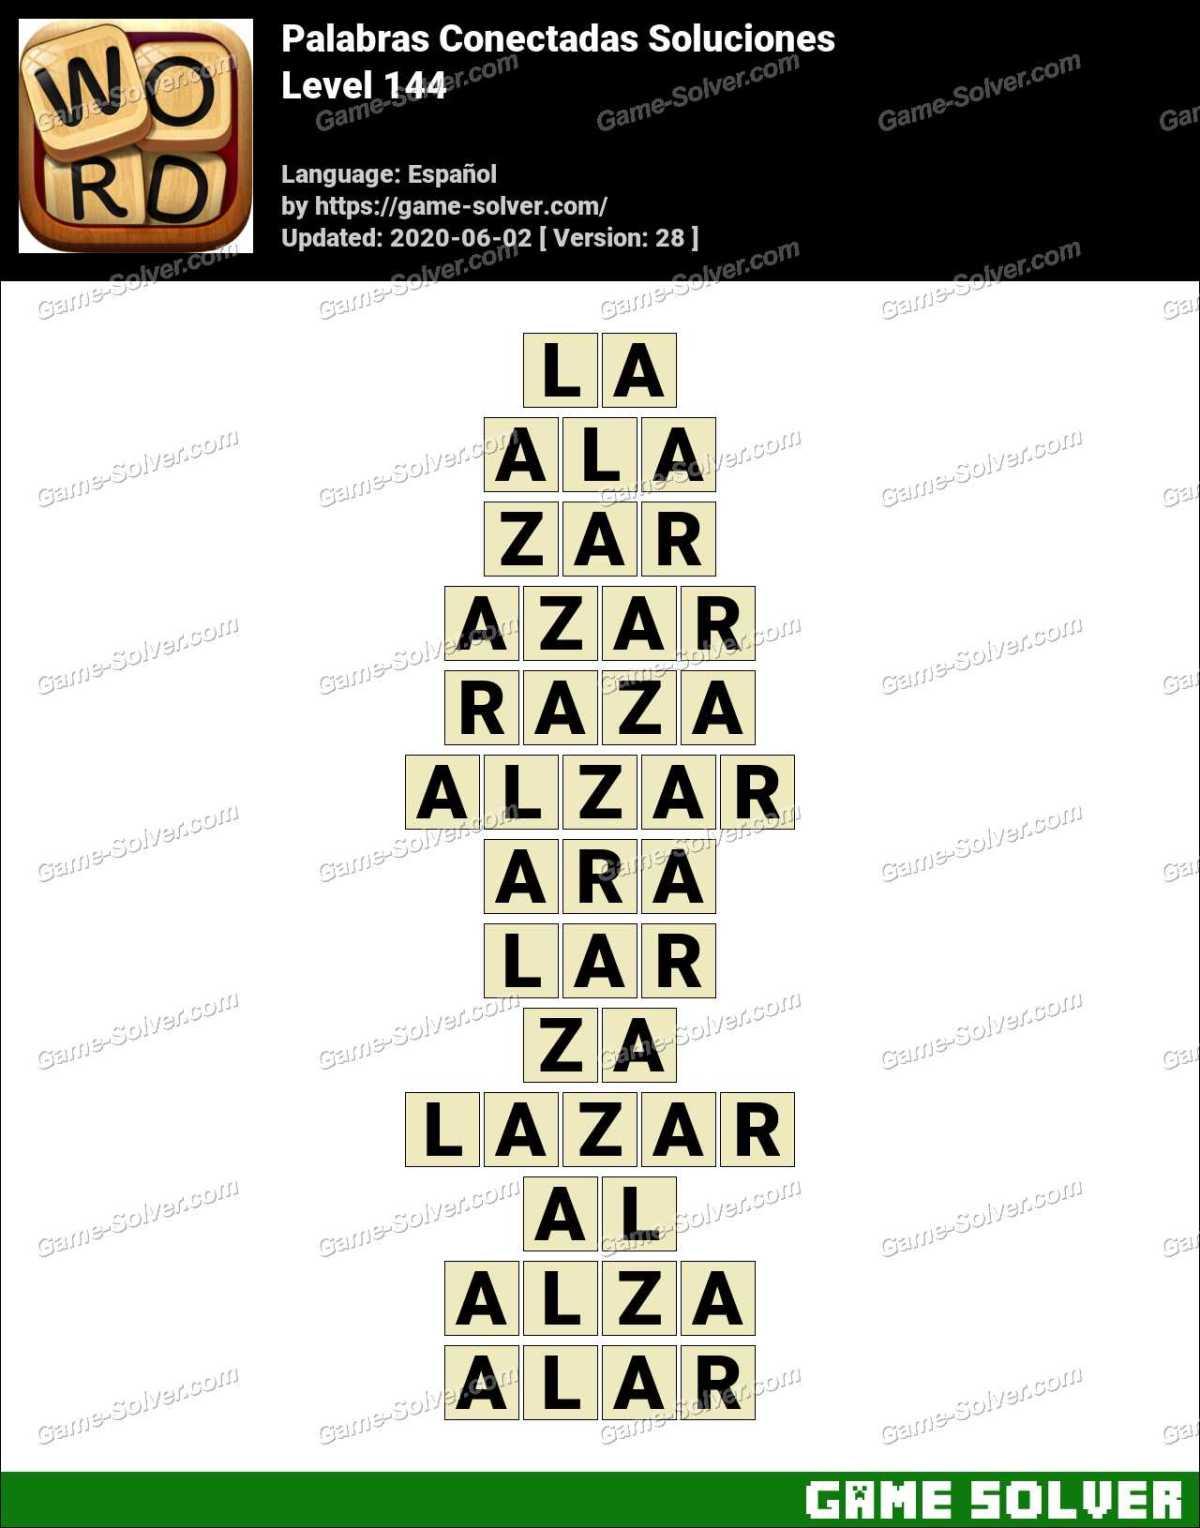 Palabras Conectadas Nivel 144 Soluciones